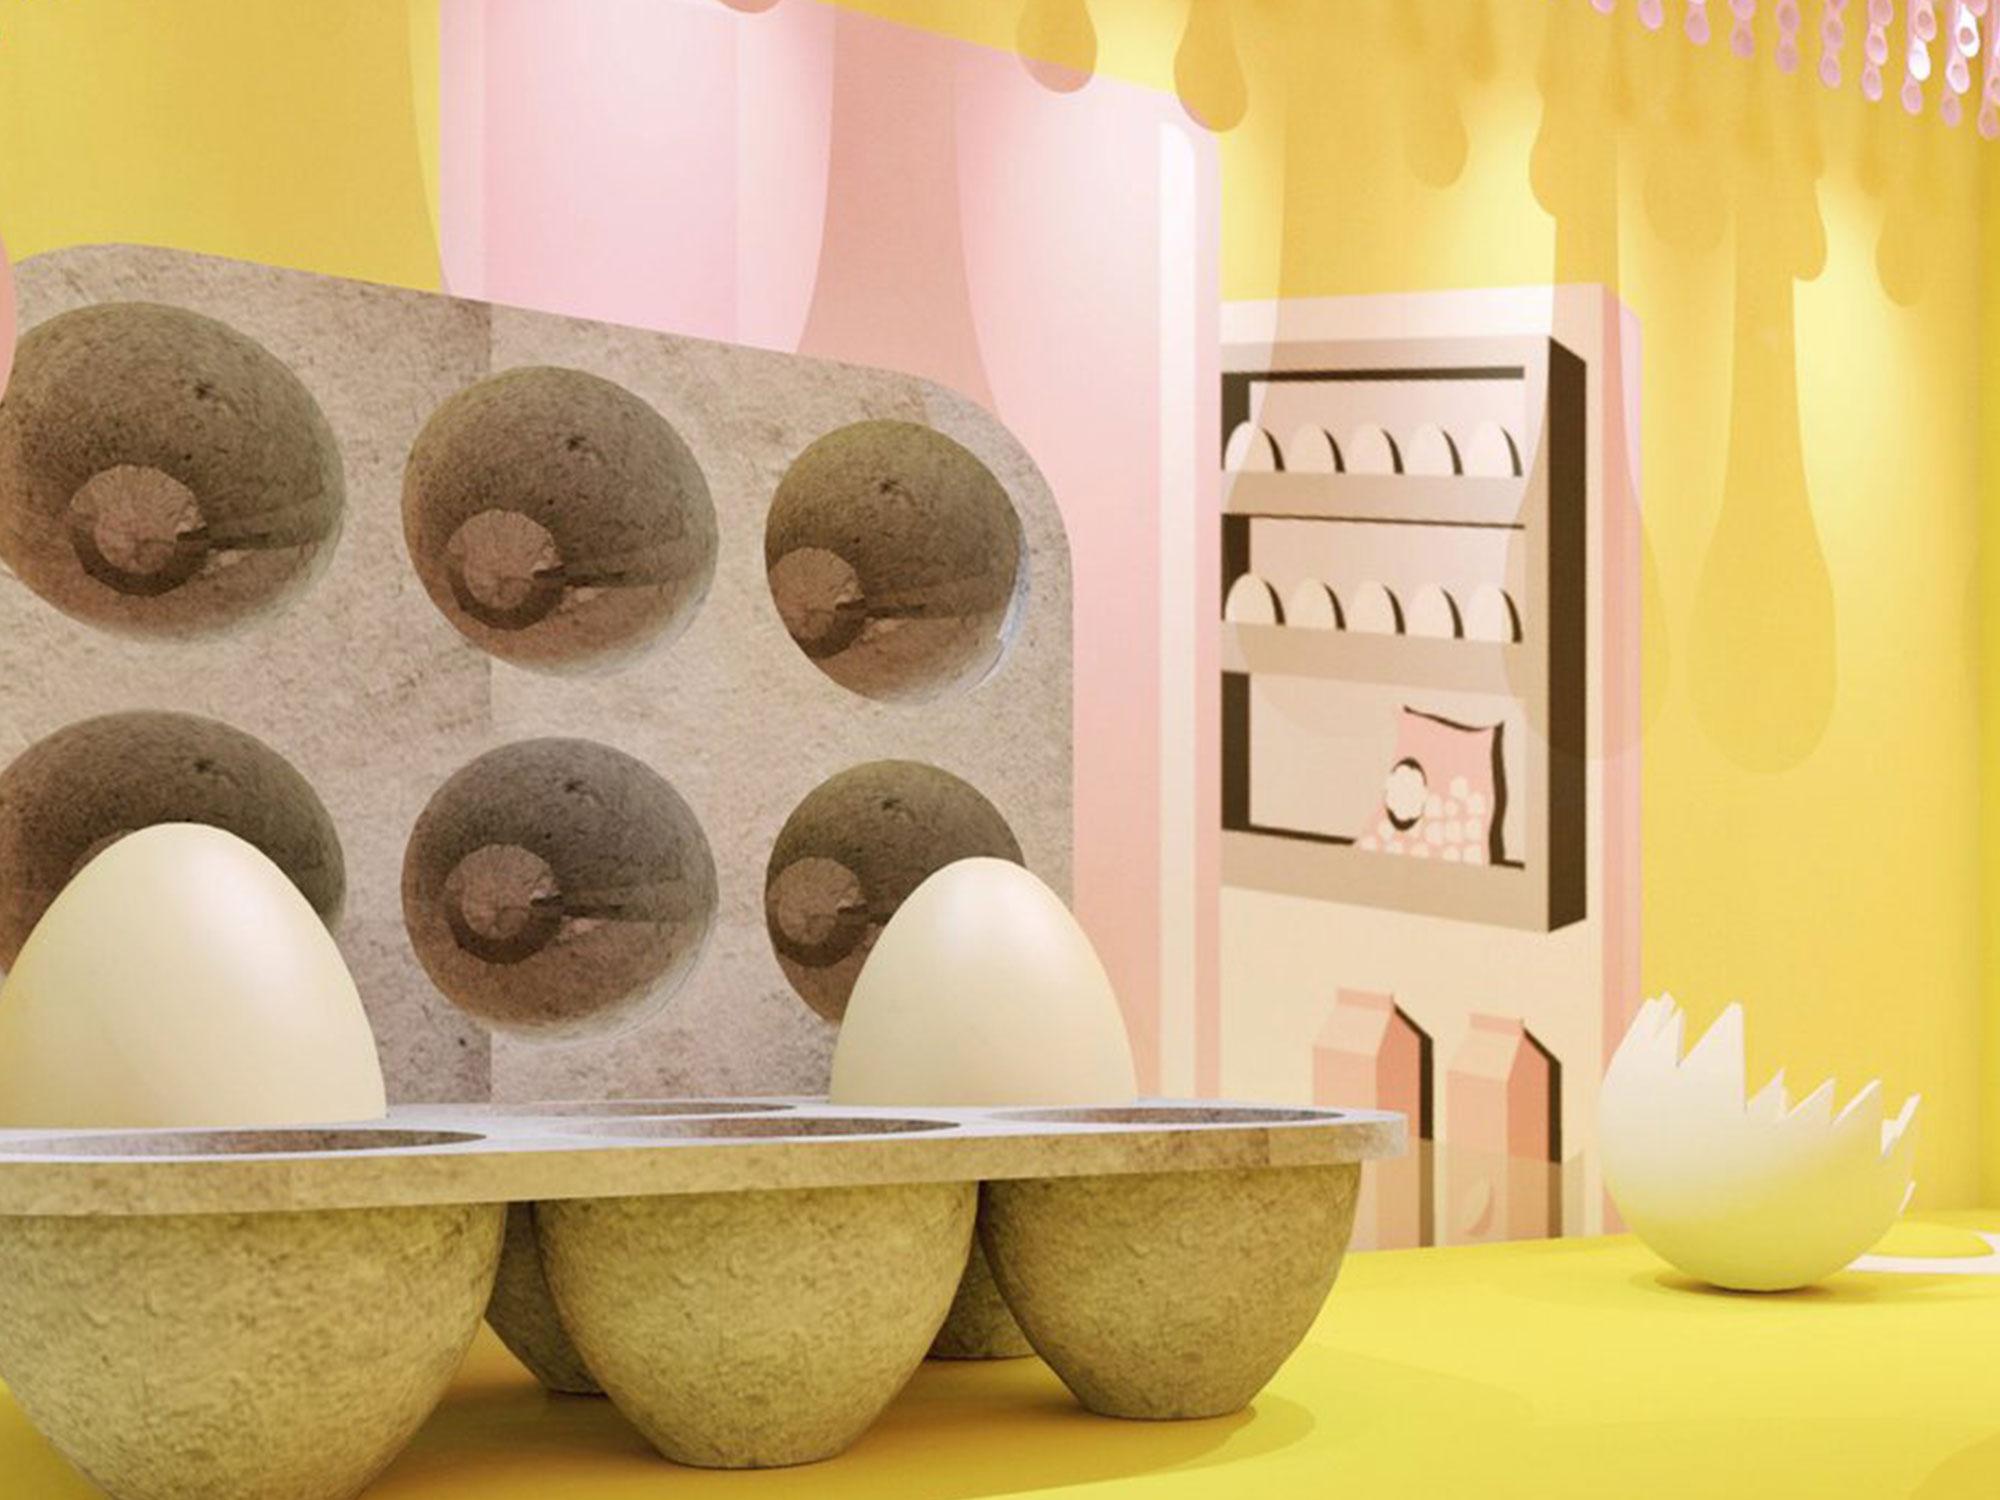 egg-house.jpg